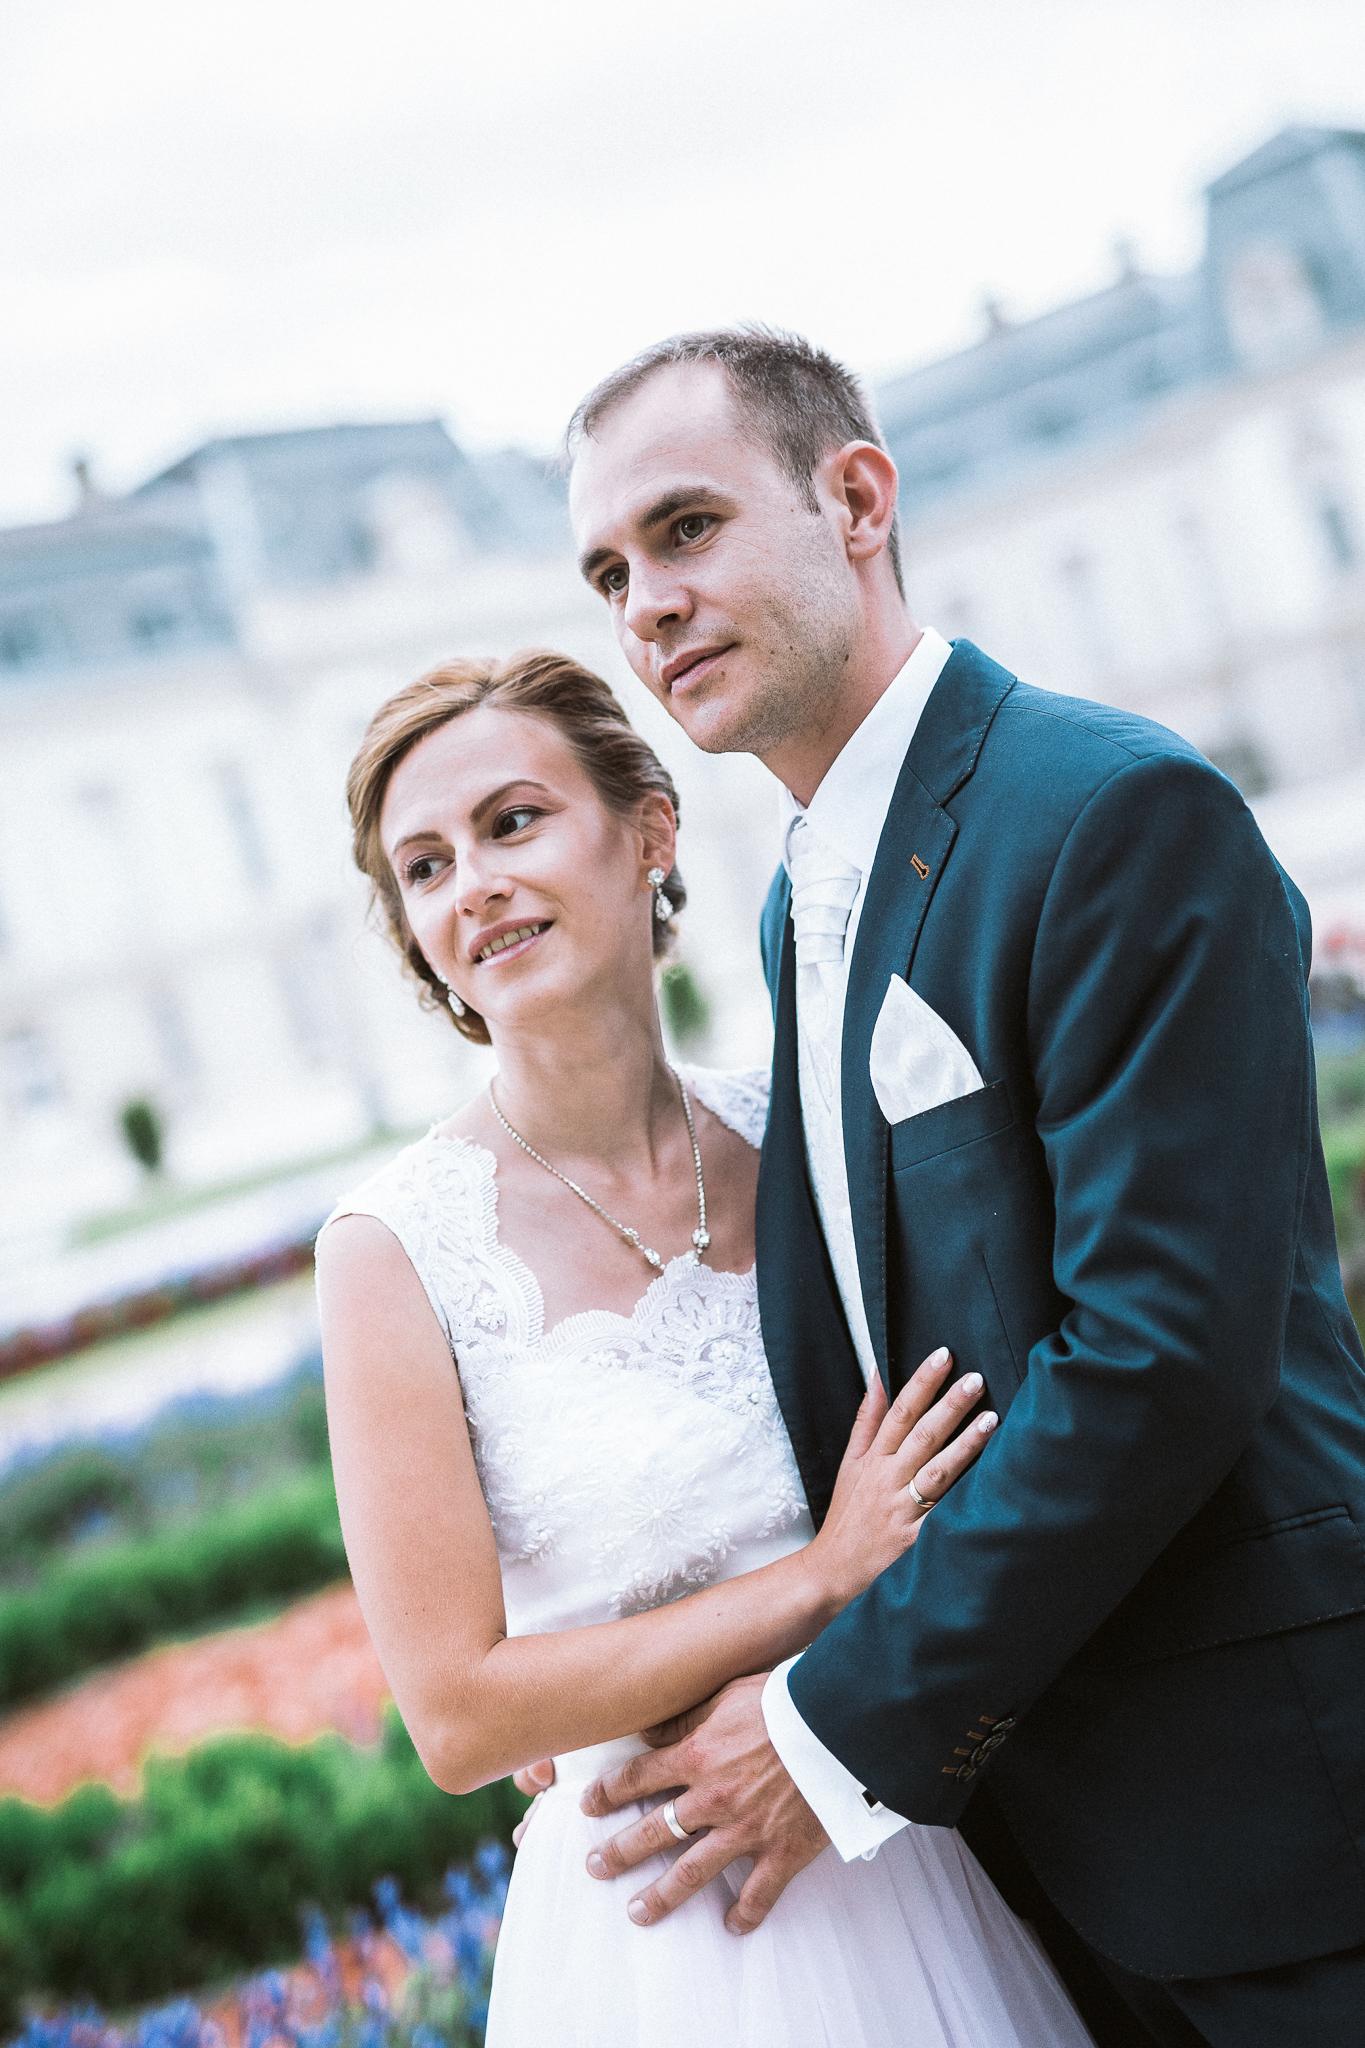 FylepPhoto, esküvőfotós, esküvői fotós Körmend, Szombathely, esküvőfotózás, magyarország, vas megye, prémium, jegyesfotózás, Fülöp Péter, körmend, kreatív, fotográfus_14-2.jpg